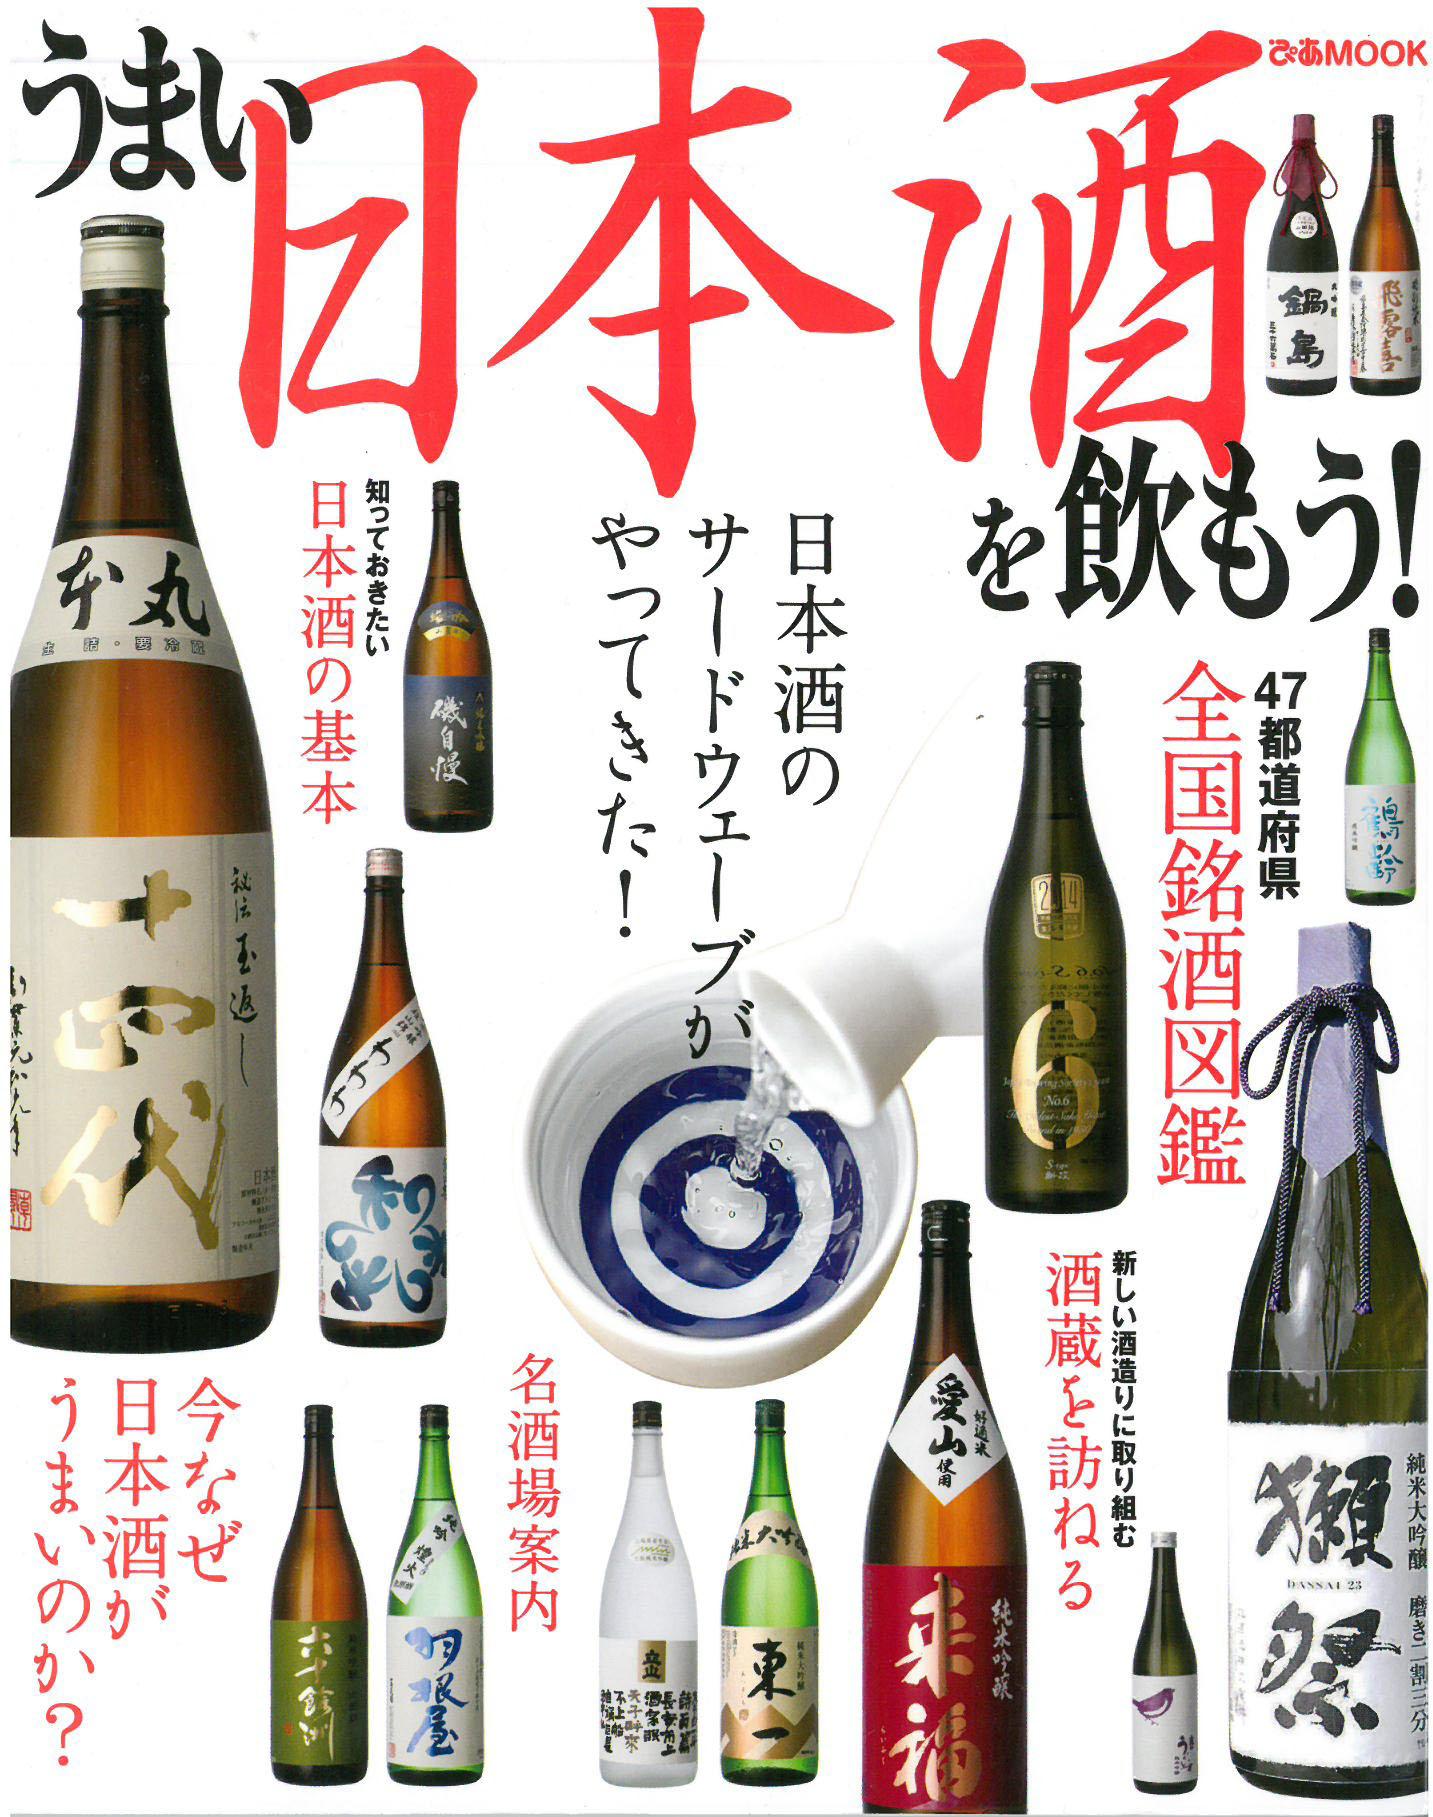 ぴあMOOK うまい日本酒を飲もう!